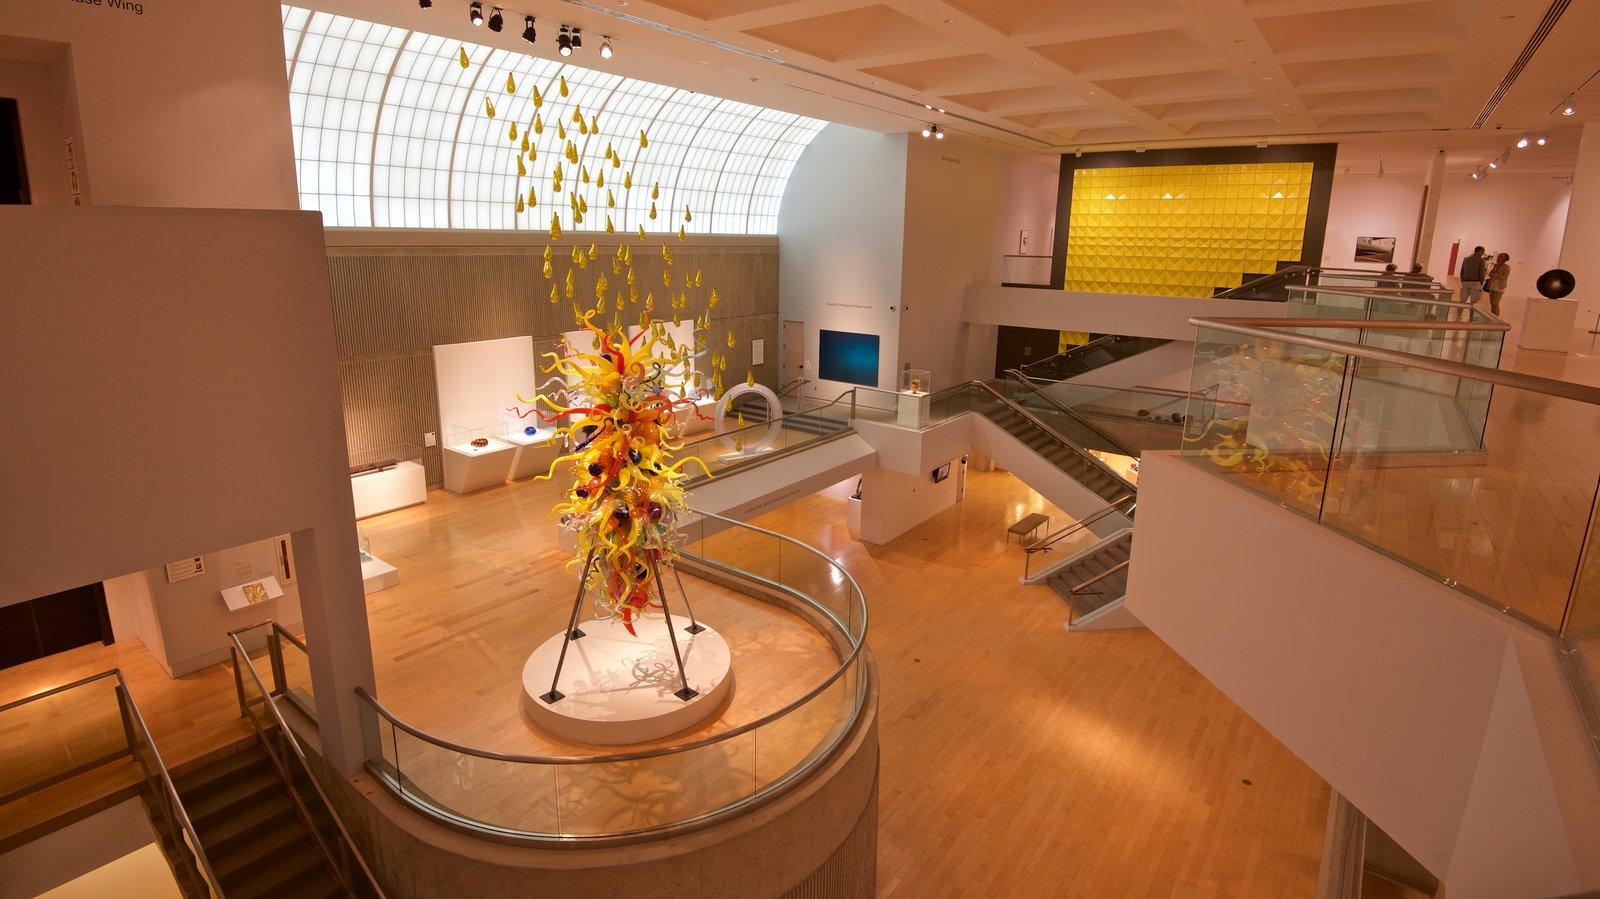 Palm Springs Art Museum mostrando vistas internas e arte